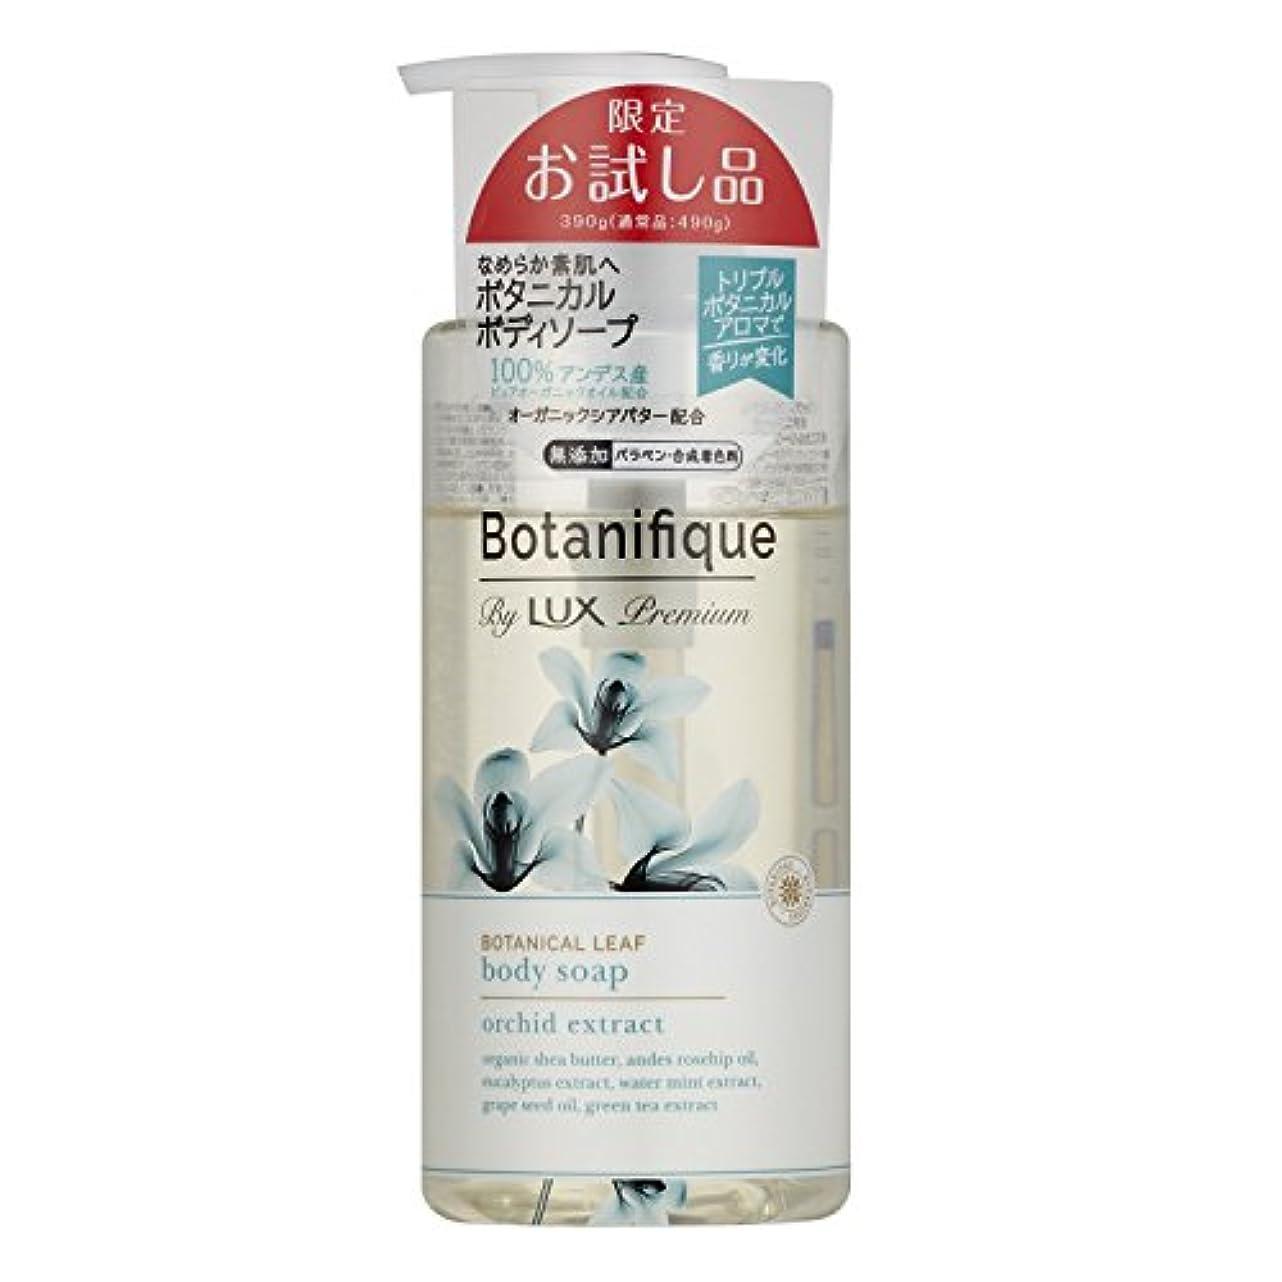 遅滞見つける連帯ラックス プレミアム ボタニフィーク ボタニカルリーフ ボディソープ ポンプ(ボタニカルリーフの香り) お試し品 390g